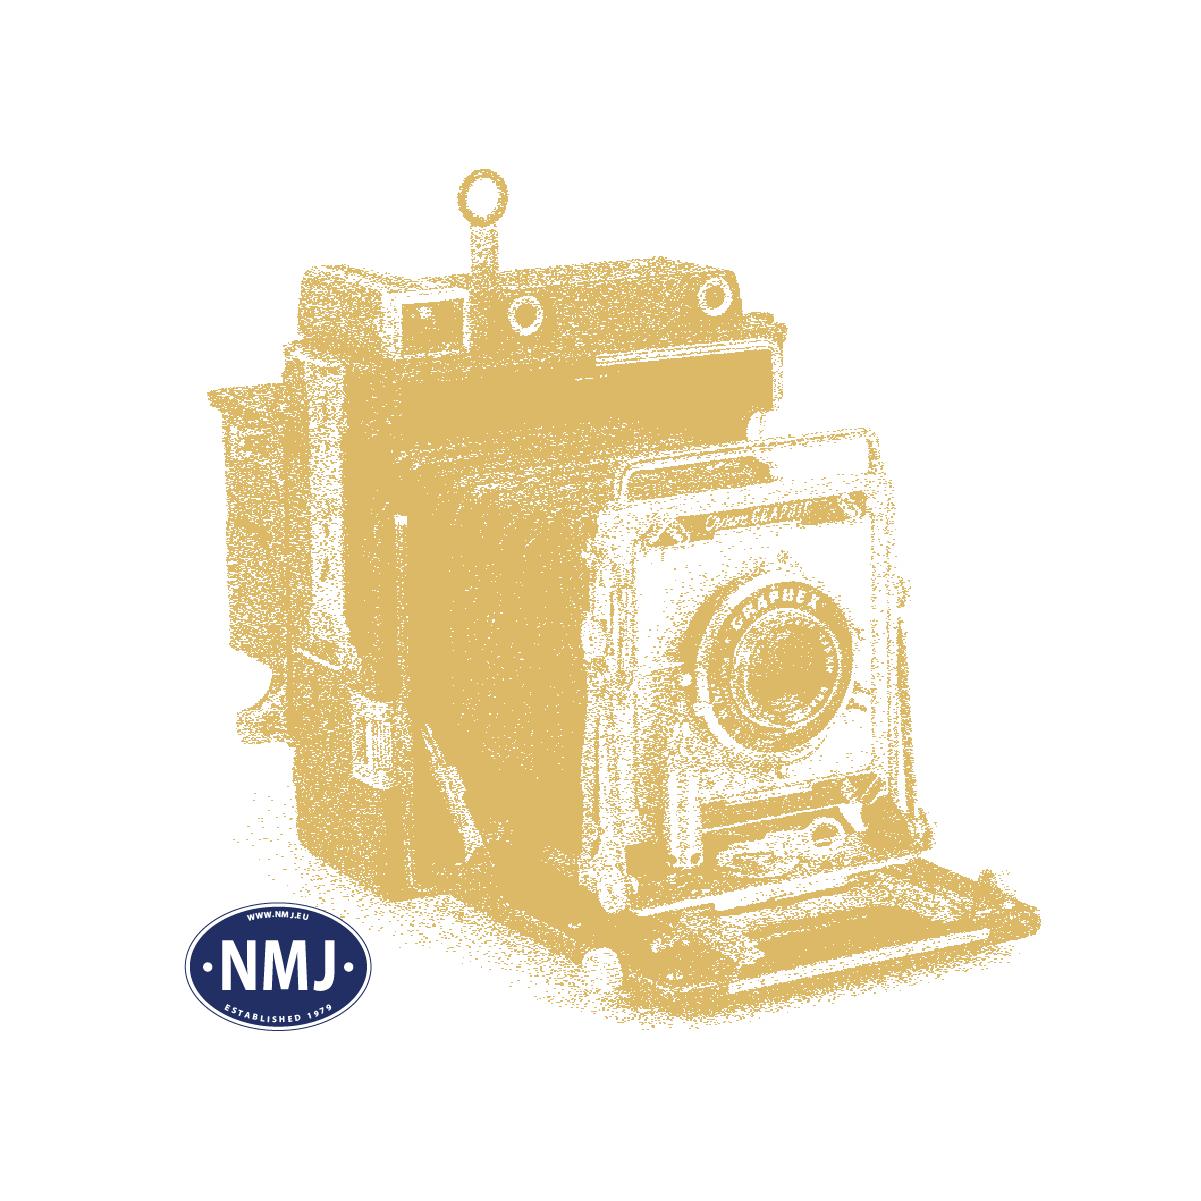 NMJT83.112 - NMJ Topline NSB Skd 224.222, SUPER, Rødbrun, DCC Digital